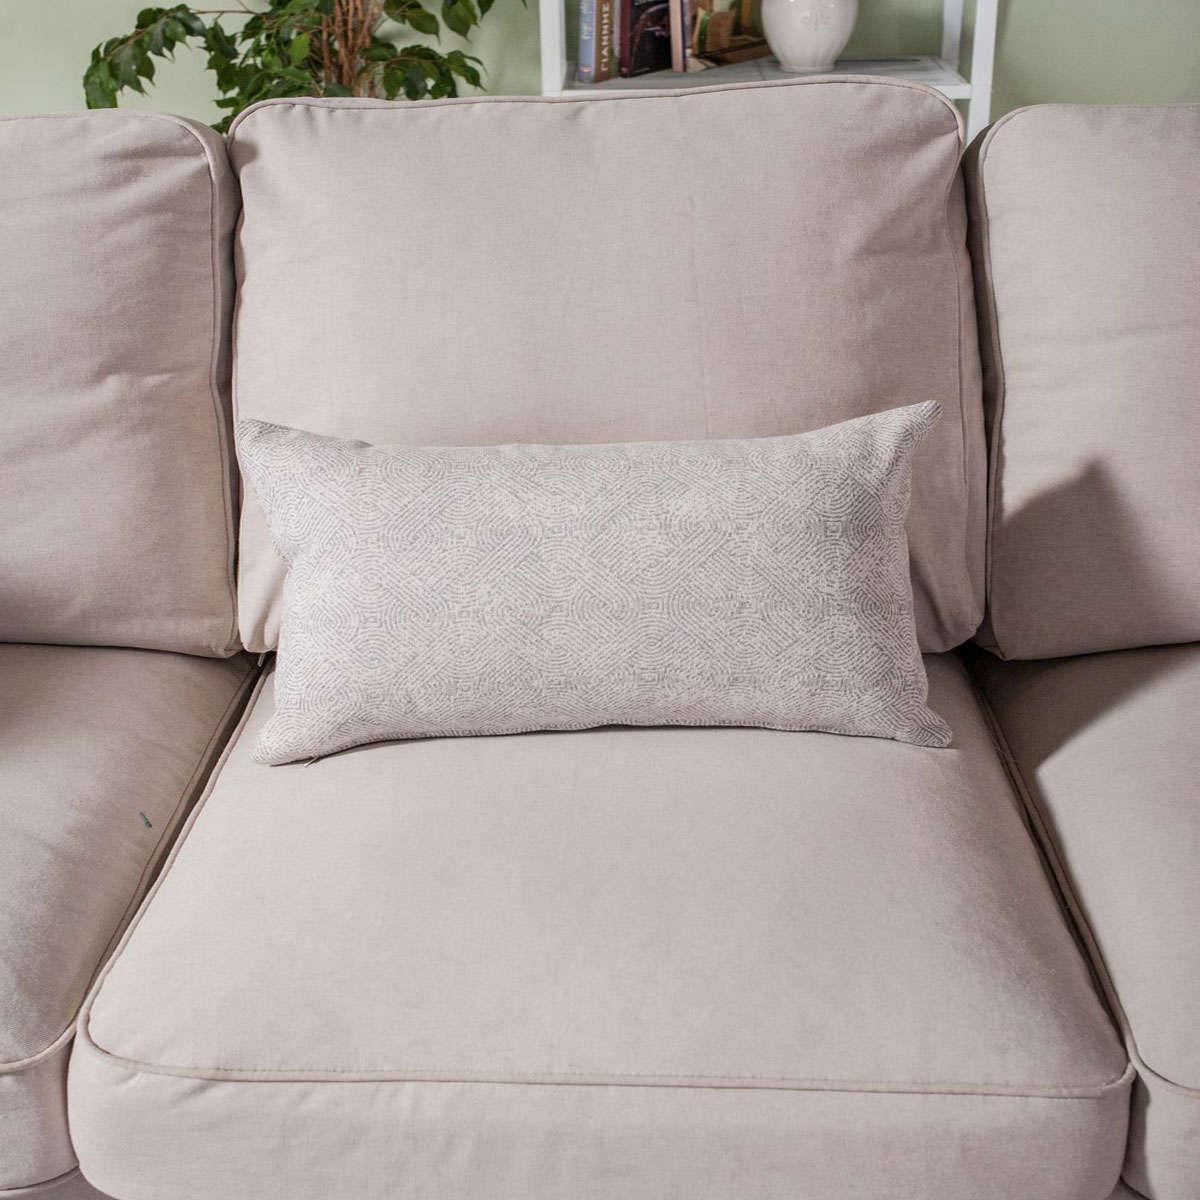 Μαξιλάρι Διακοσμητικό (Με Γέμιση) Mantova 04 Grey Teoran 30Χ50 Βαμβάκι-Polyester